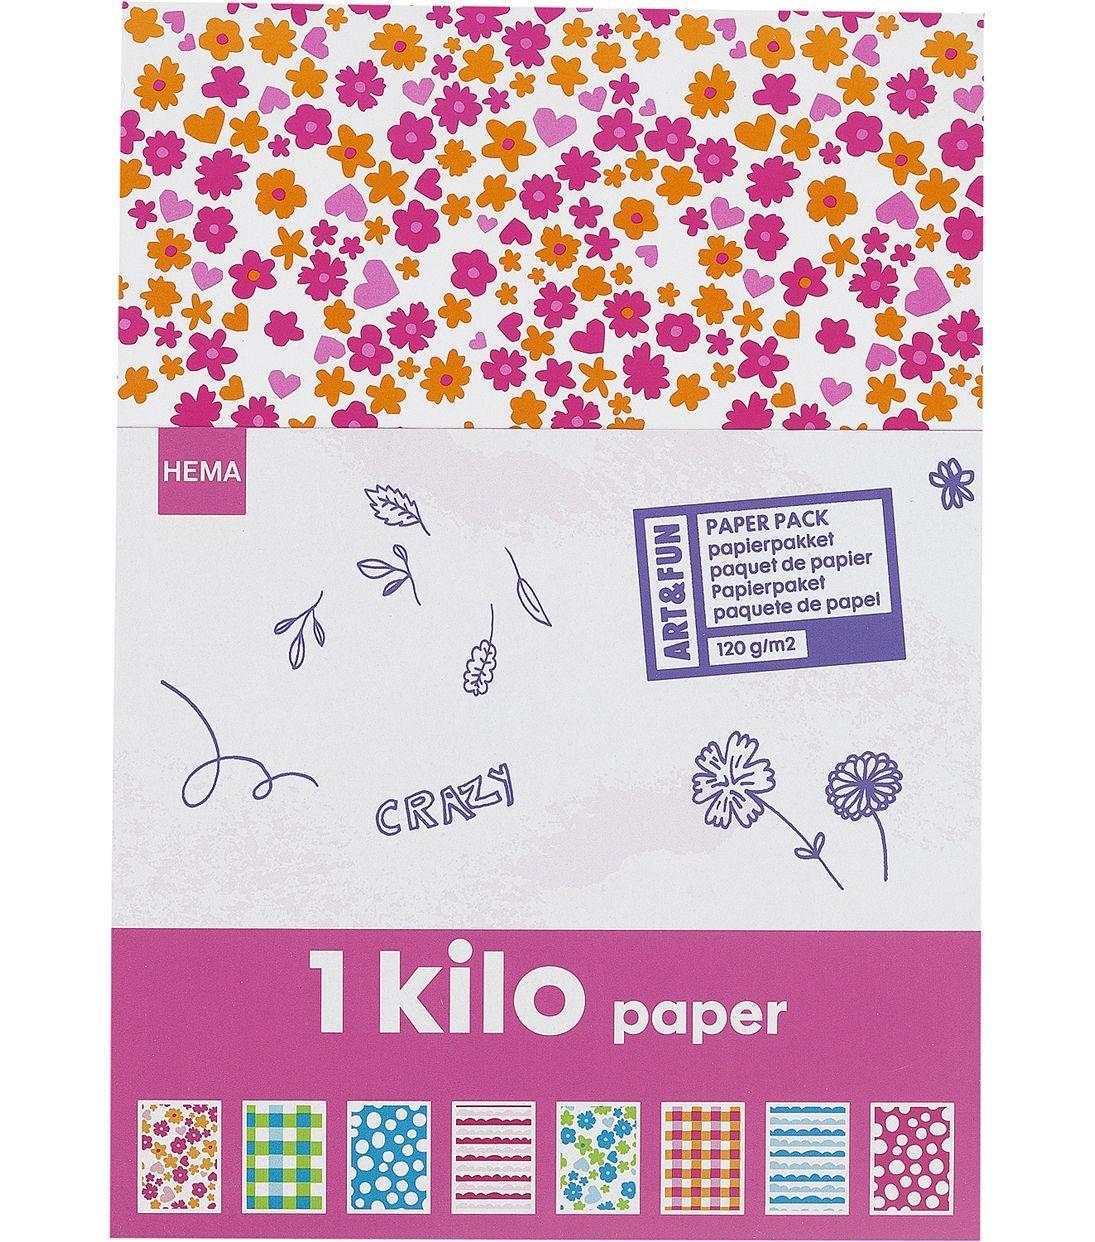 Hema kilo papier dessin paper art pinterest le prix for Cadeauzakjes papier hema